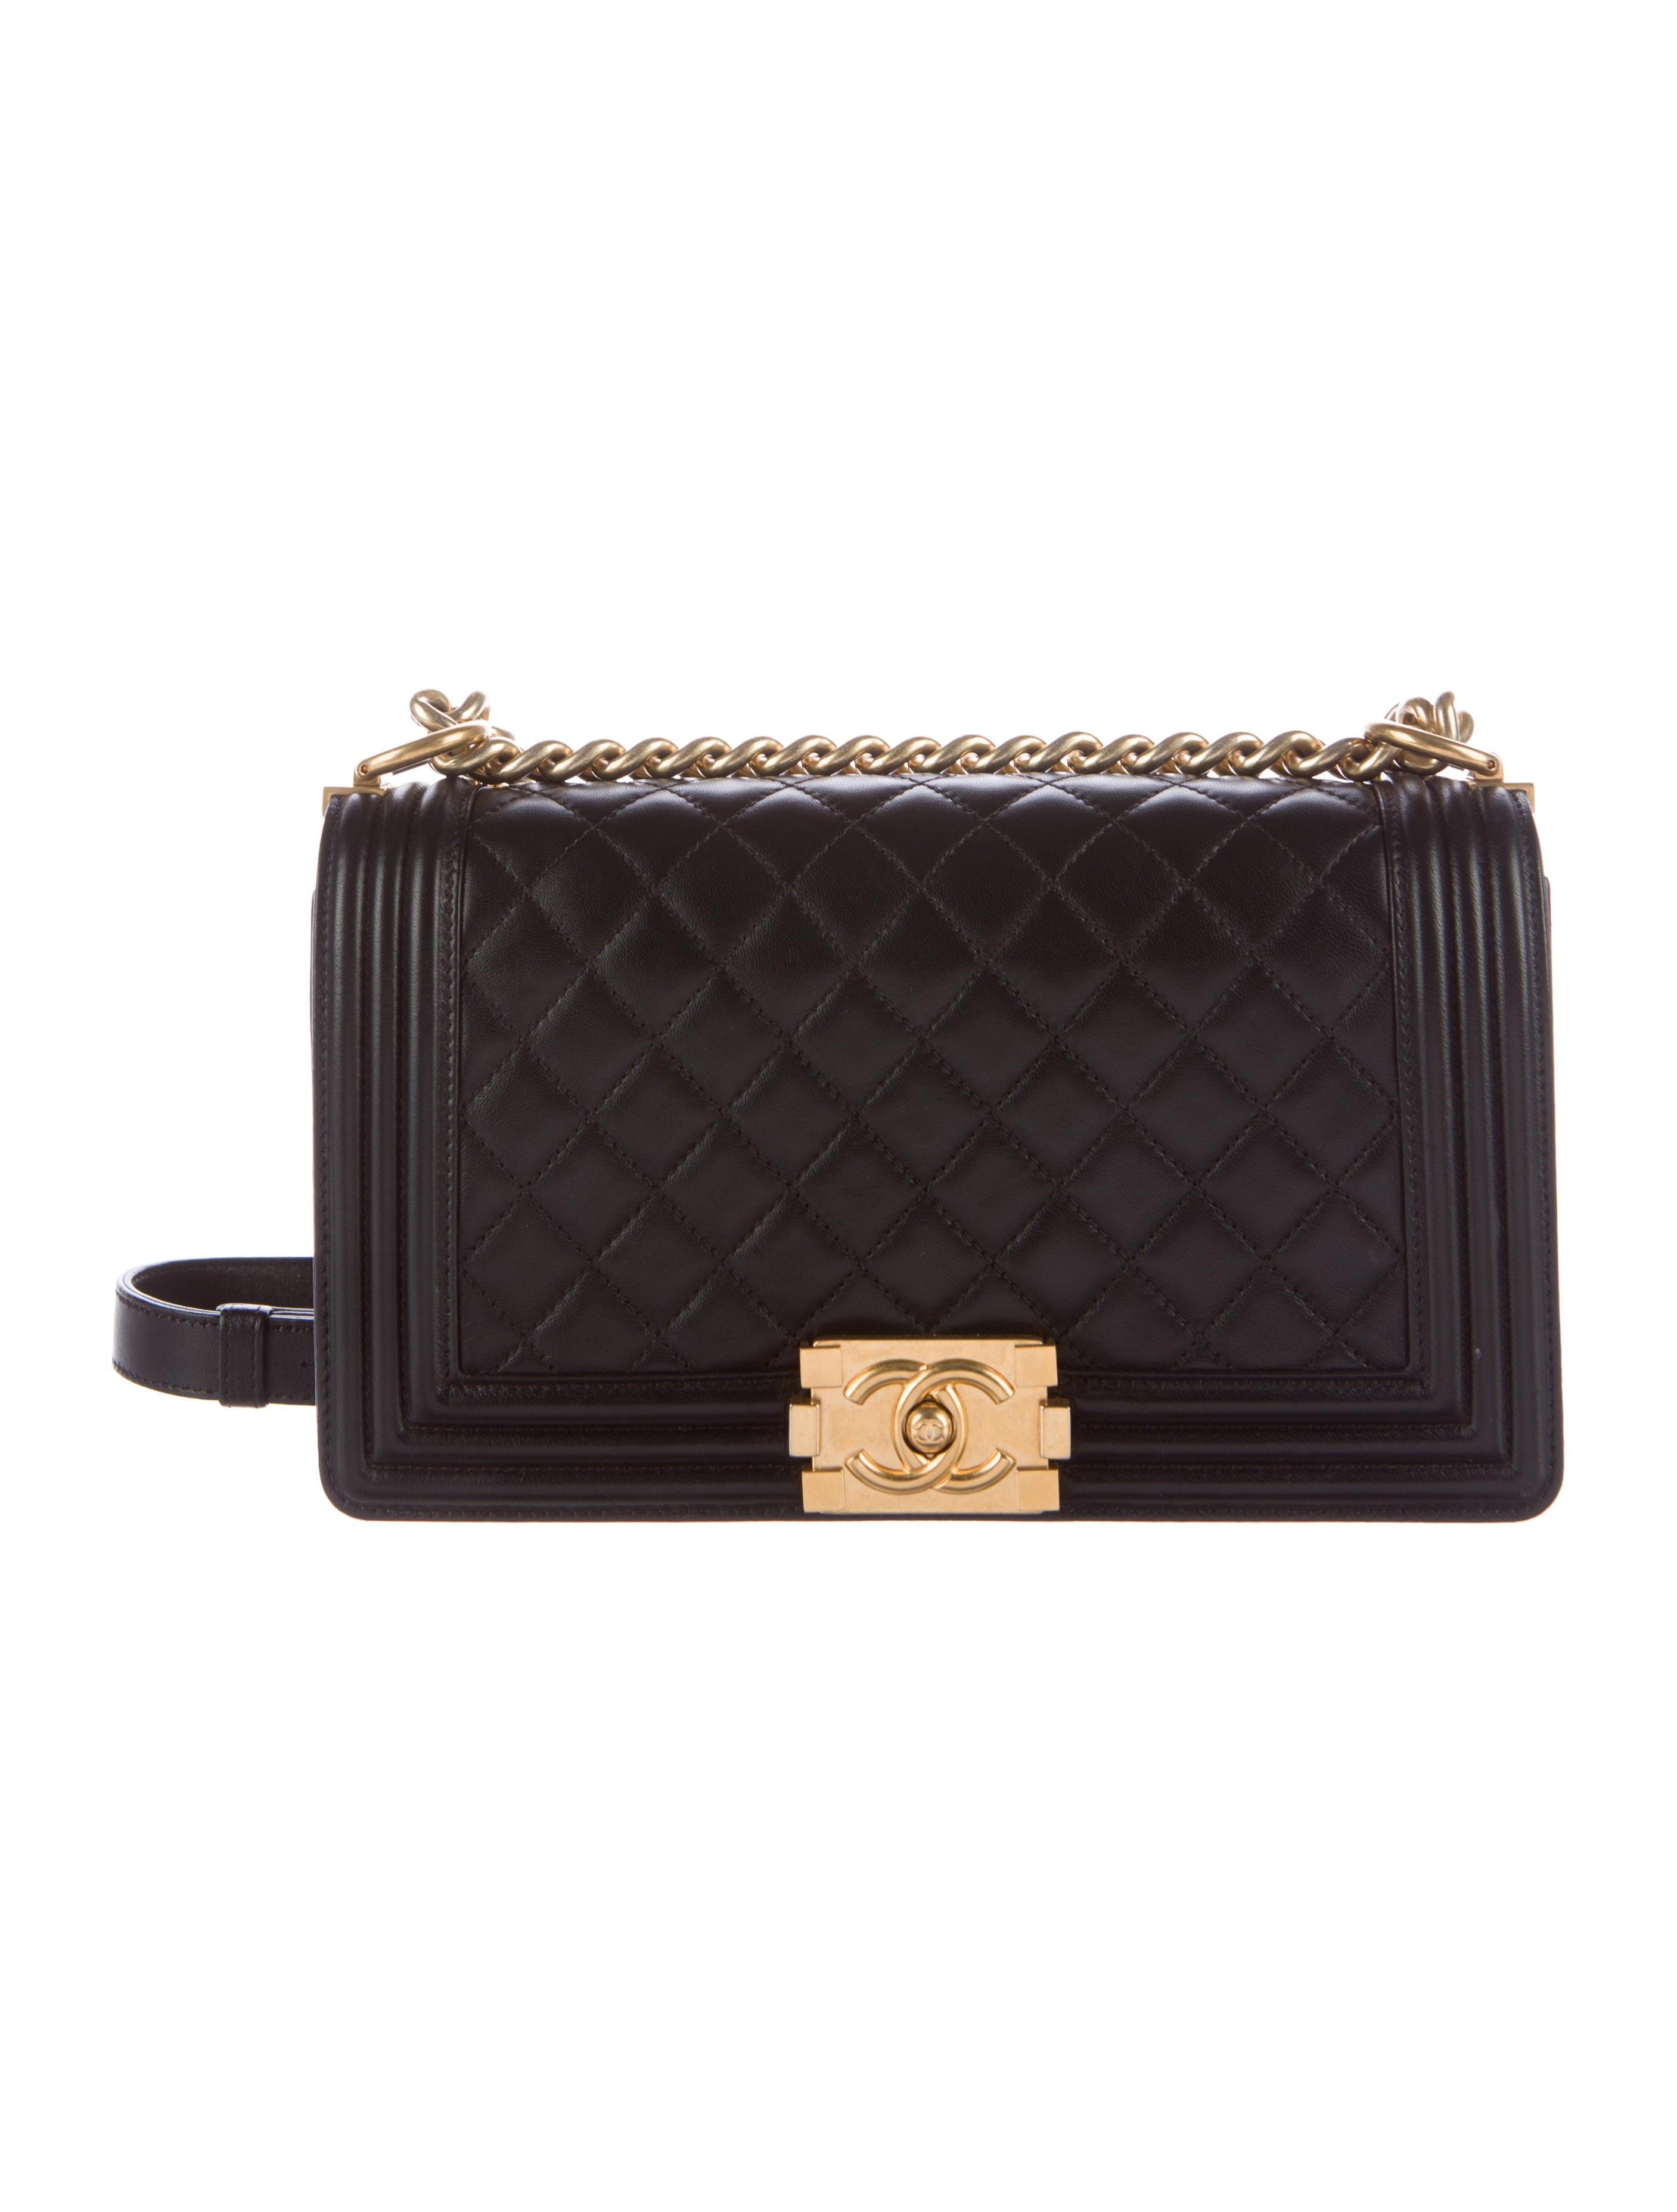 Chanel Small Boy Bag - Handbags - CHA182847 | The RealReal